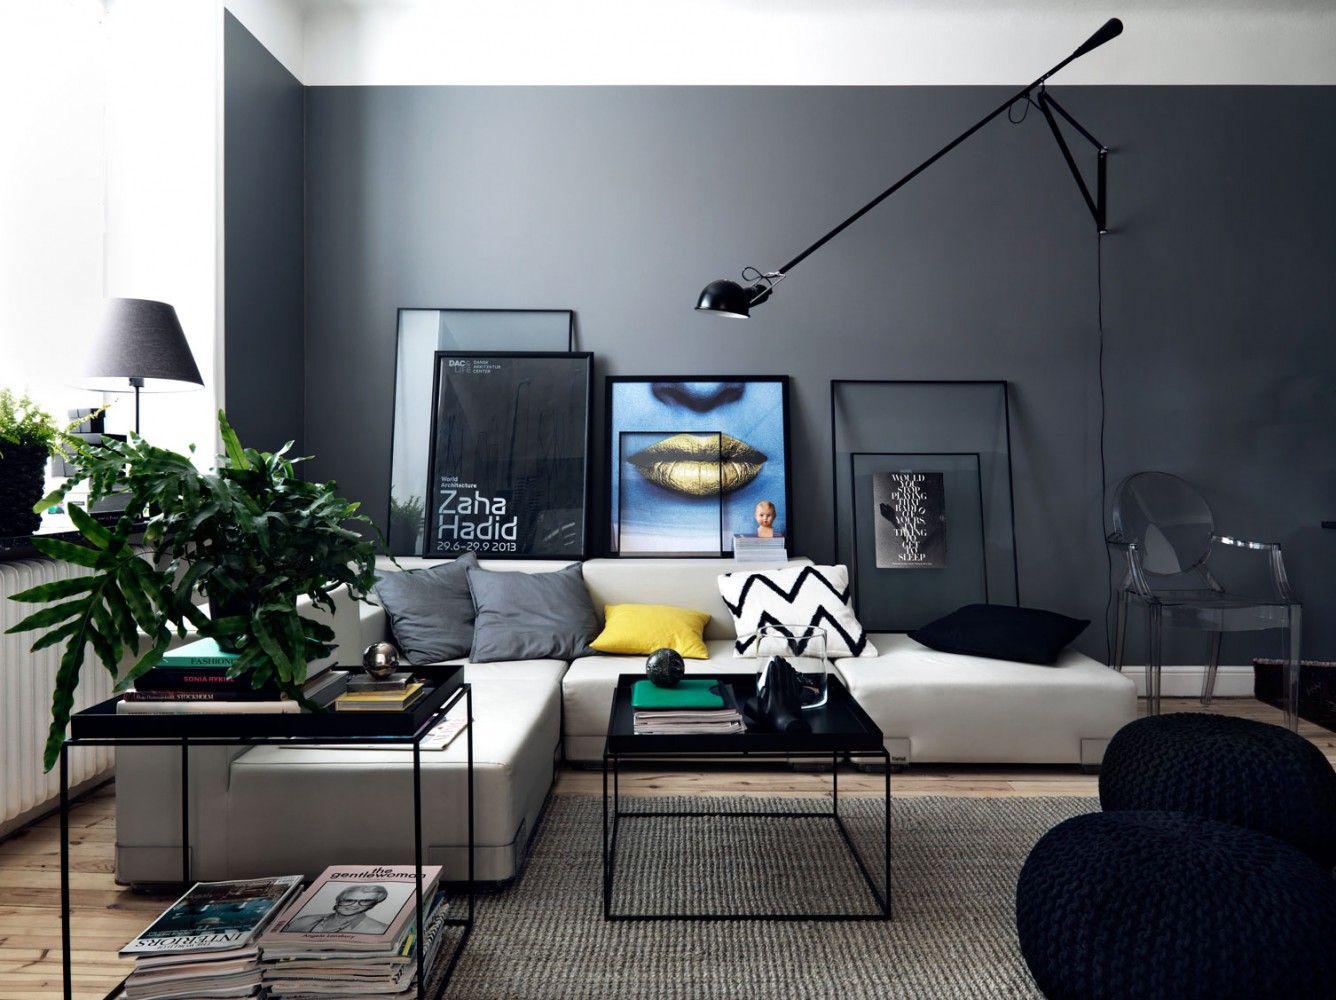 Soggiorno salotto ~ Soggiorni moderni u2022 100 idee e stile per il soggiorno ideale